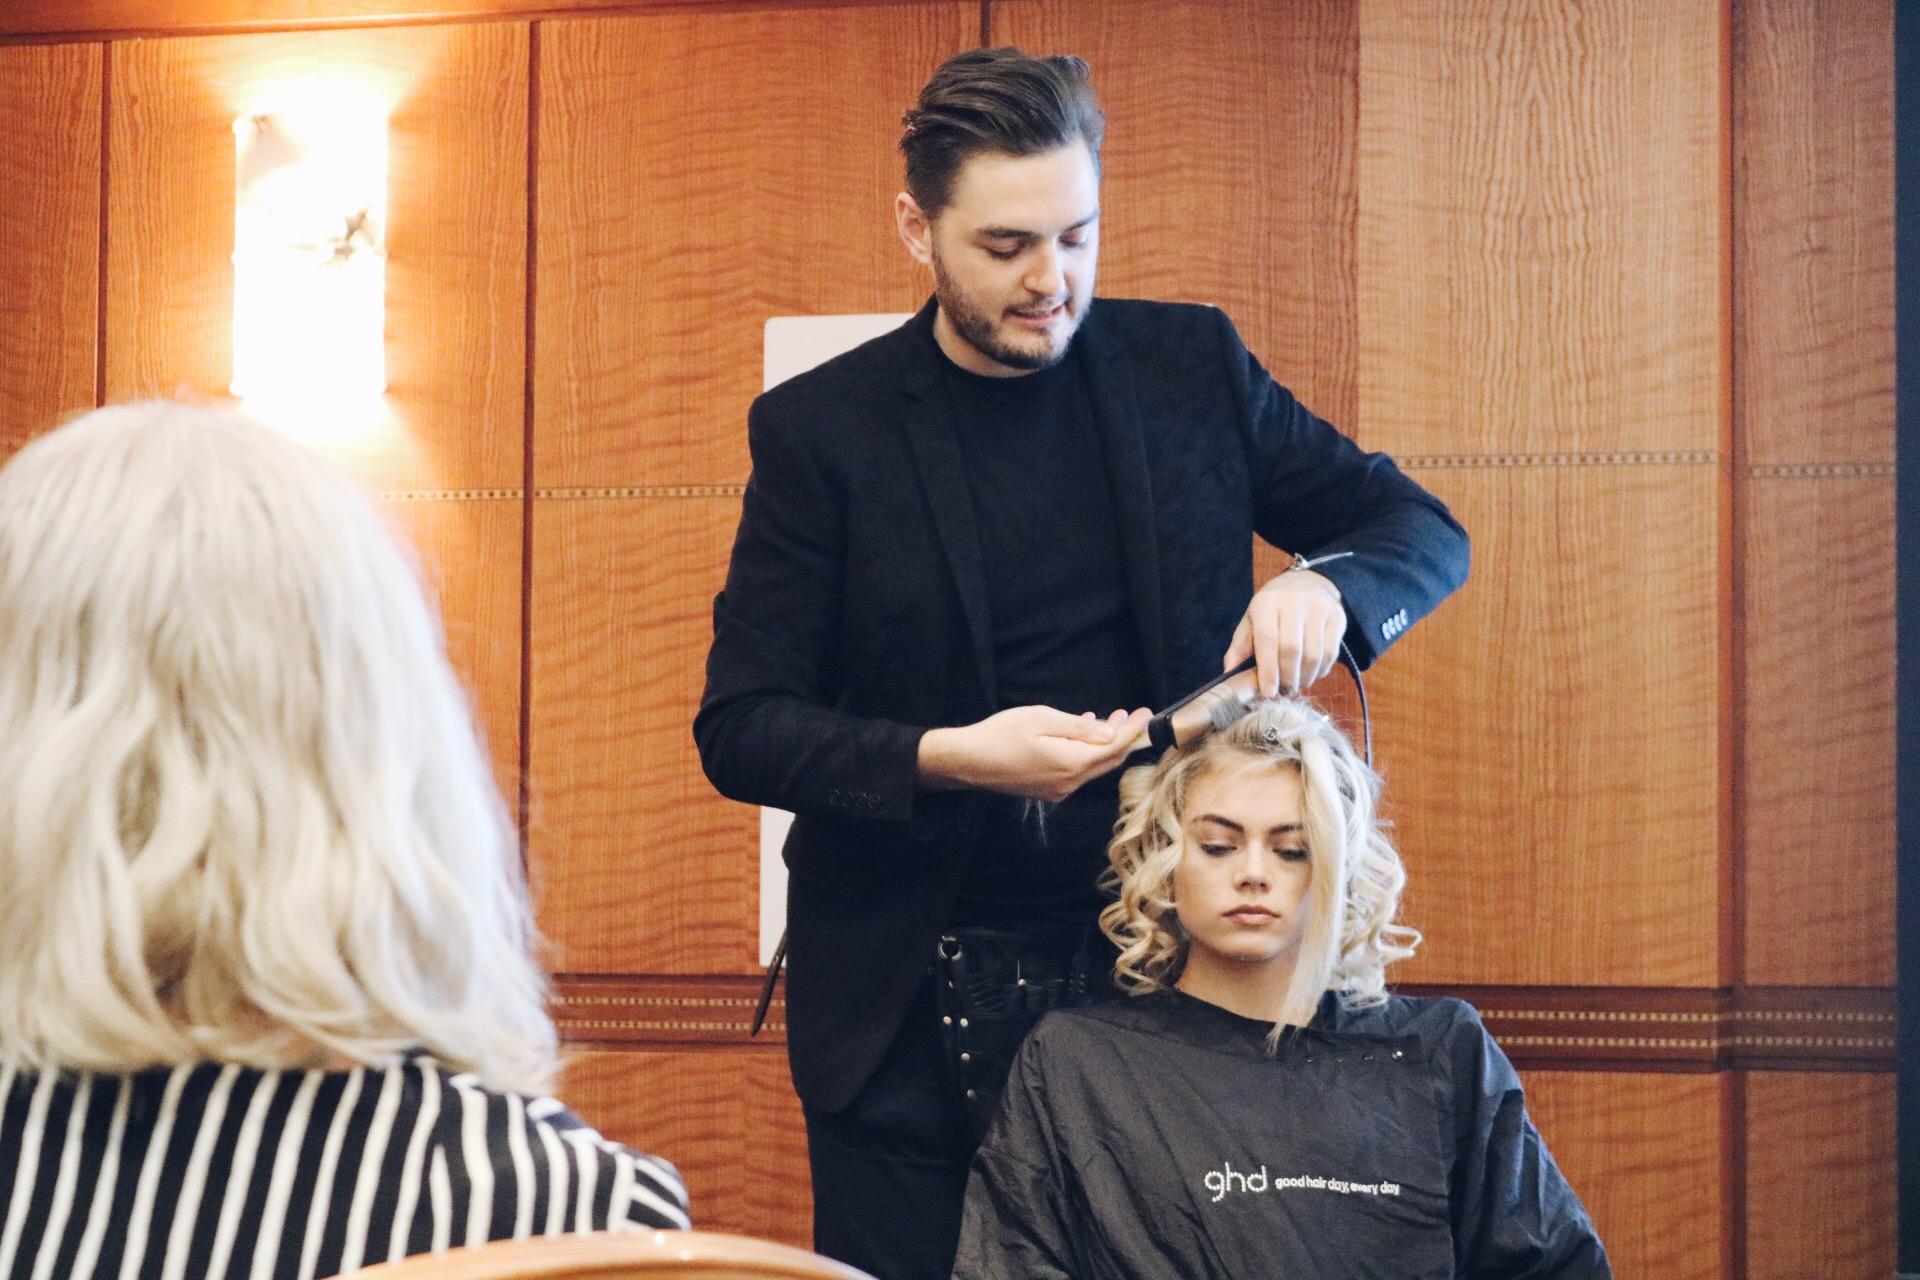 Daisy Beauty London 2016 Dag 2 GHD produkter, limited edition, bästa plattången, bästa locktången amandahans skönhetsblogg skönhetsbloggare Dafydd Rhys